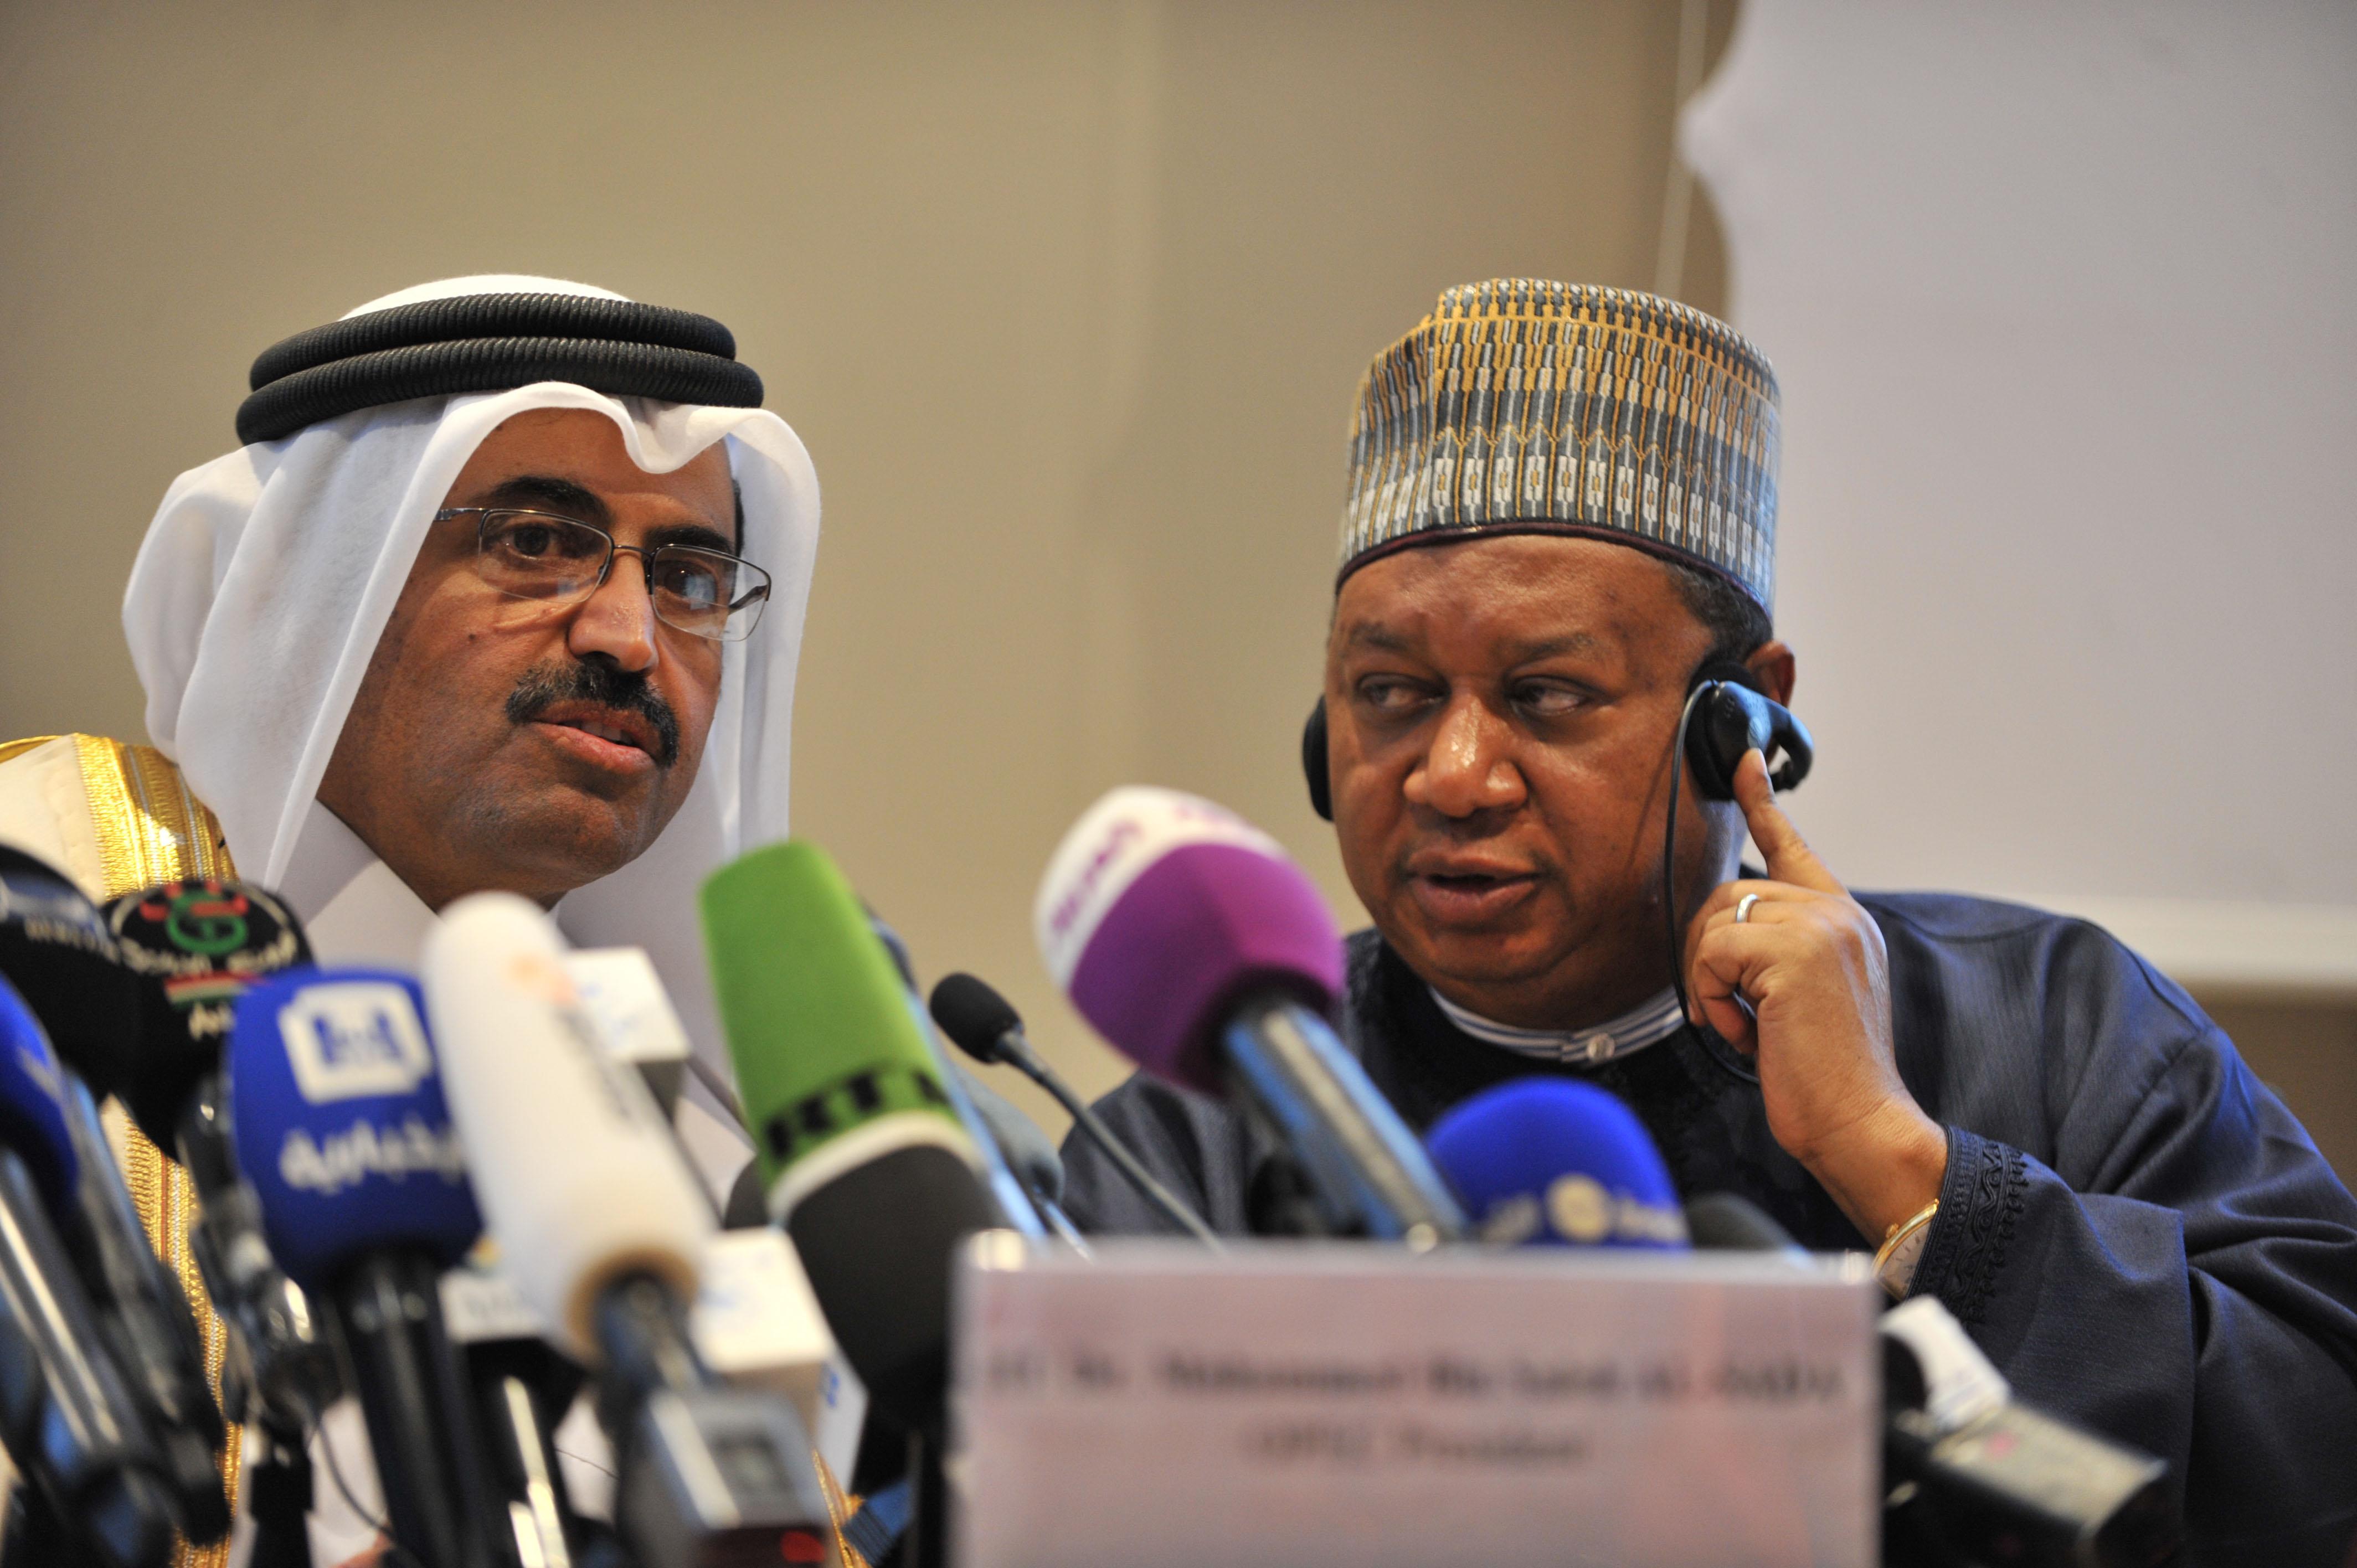 Lors de la réunion de l'Opep à Alger, le 28 septembre dernier. New Press